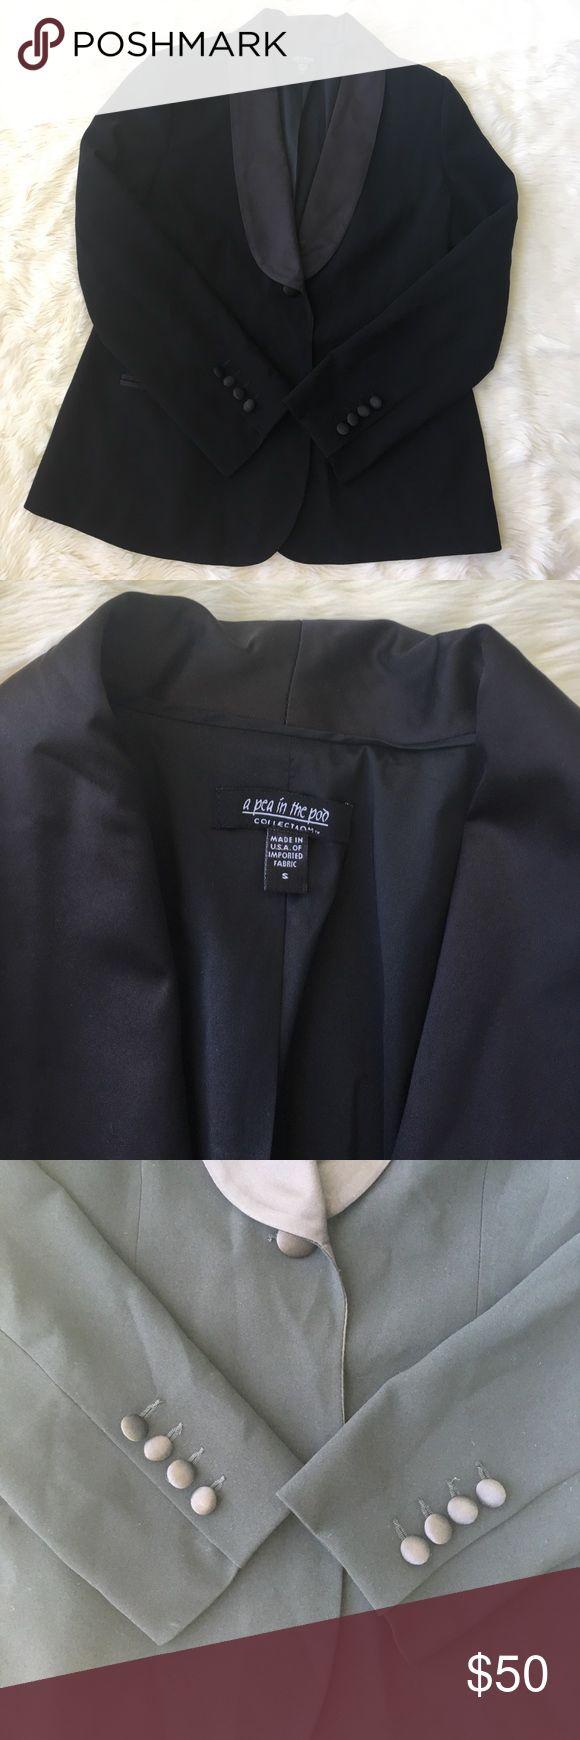 A Pea in the pod maternity black blazer Size small black maternity blazer. Excellent condition. Small spot on lapel as photod. A Pea in the Pod Jackets & Coats Blazers